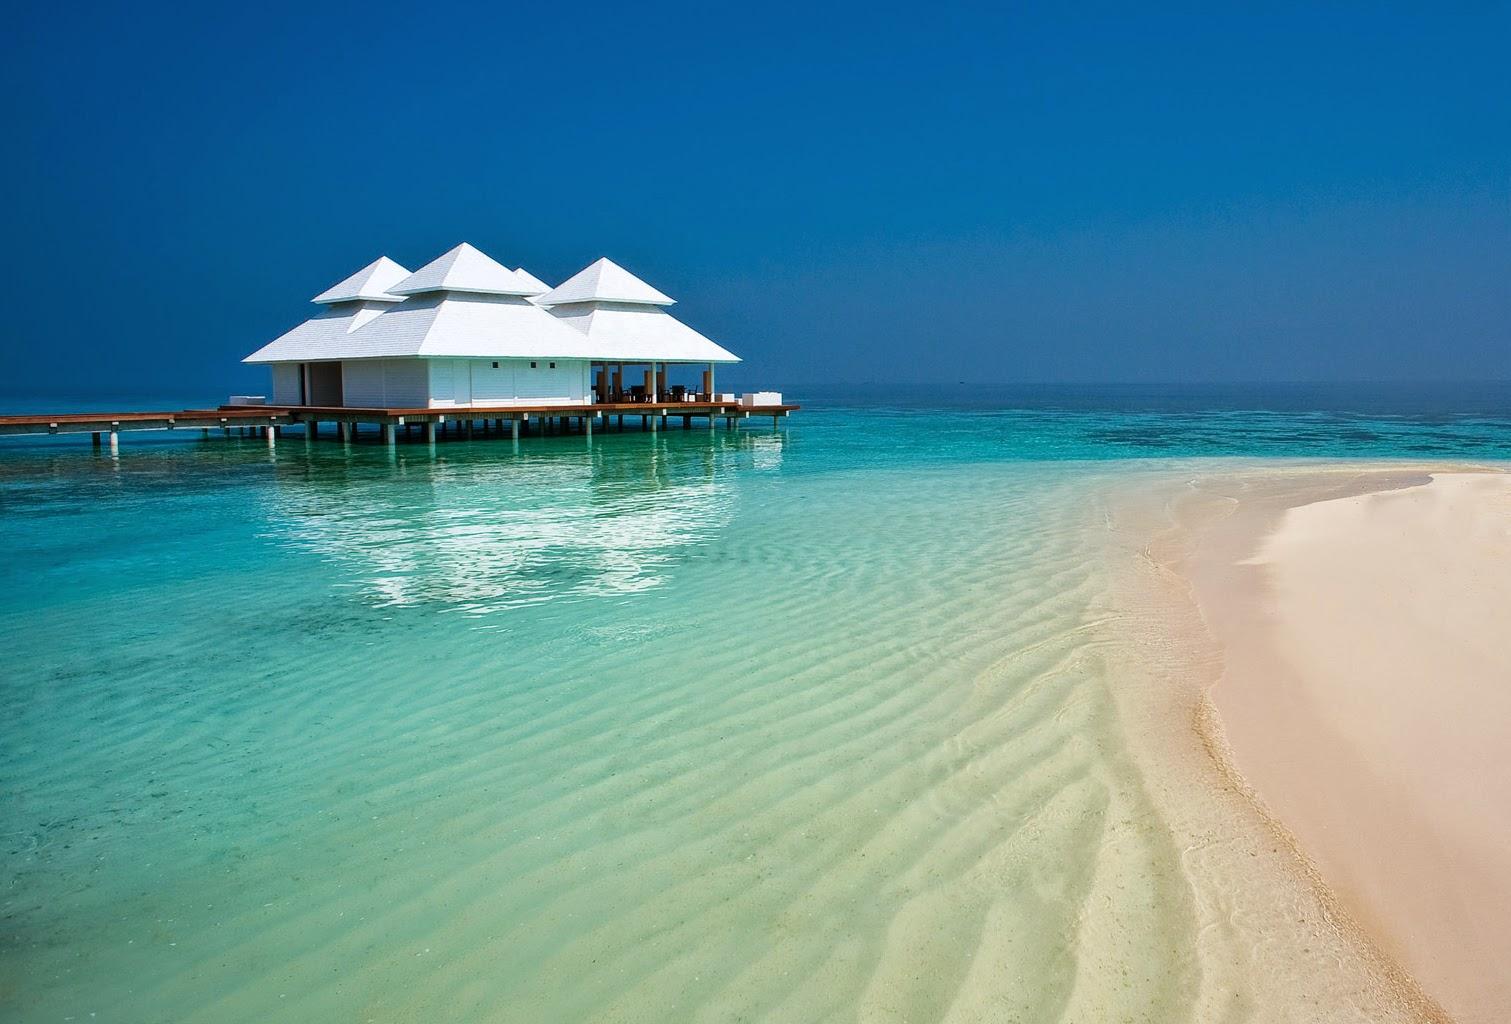 Una delle splendide spiagge delle Maldive, dove sorge una grande palafitta.